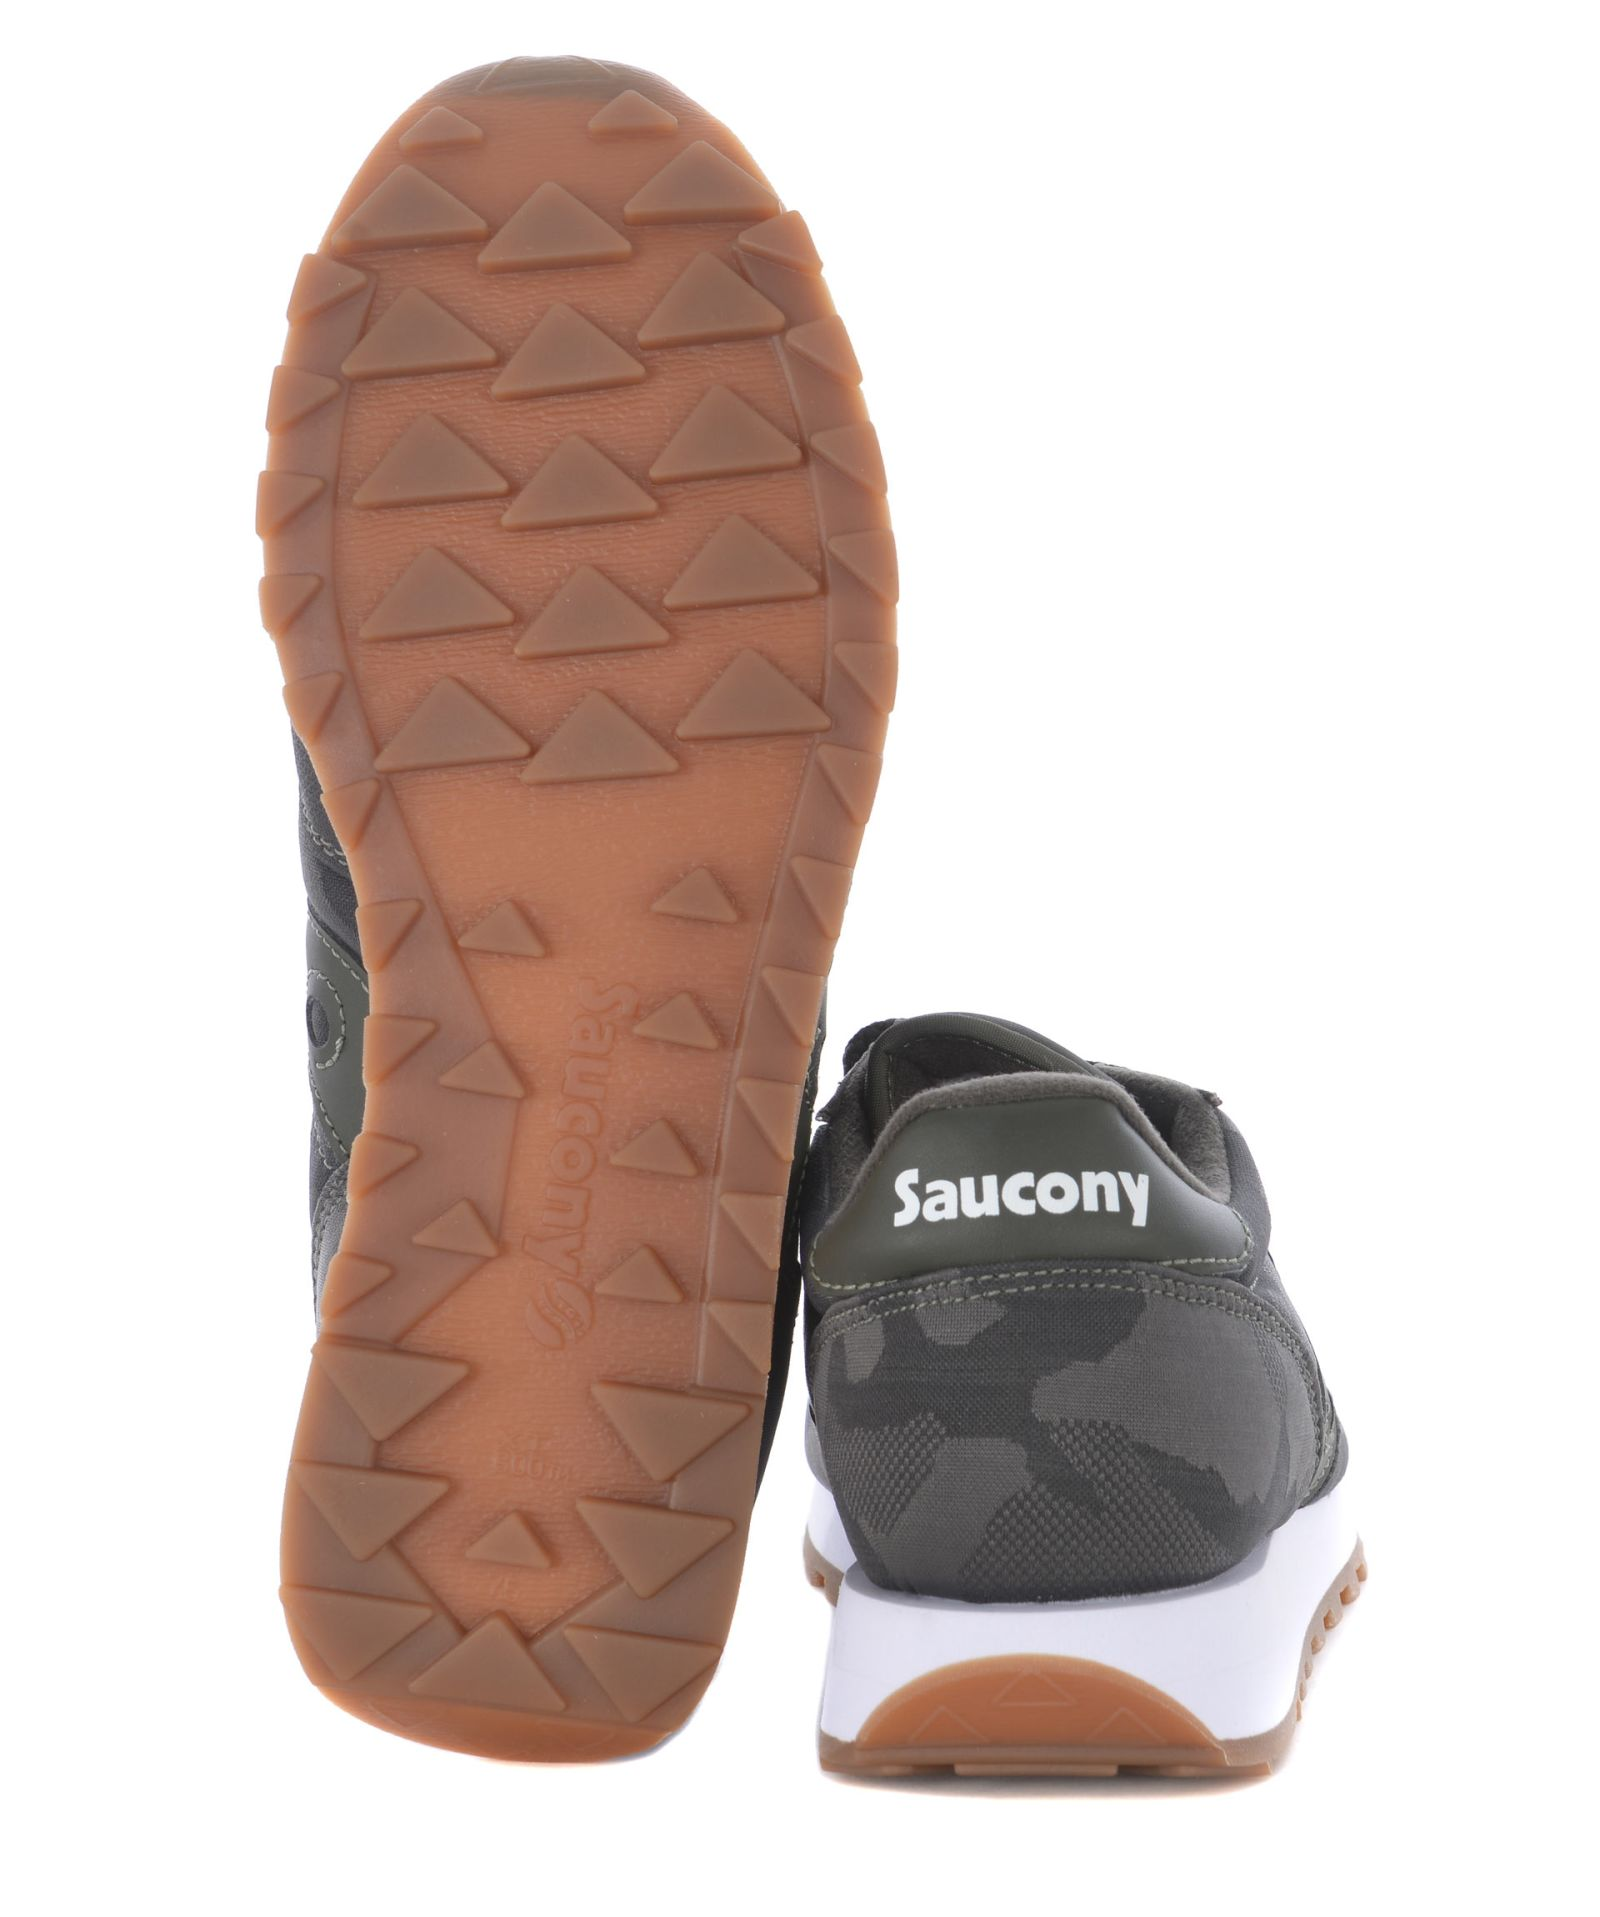 designer fashion e3e2e 6581d ... Saucony Jazz Original